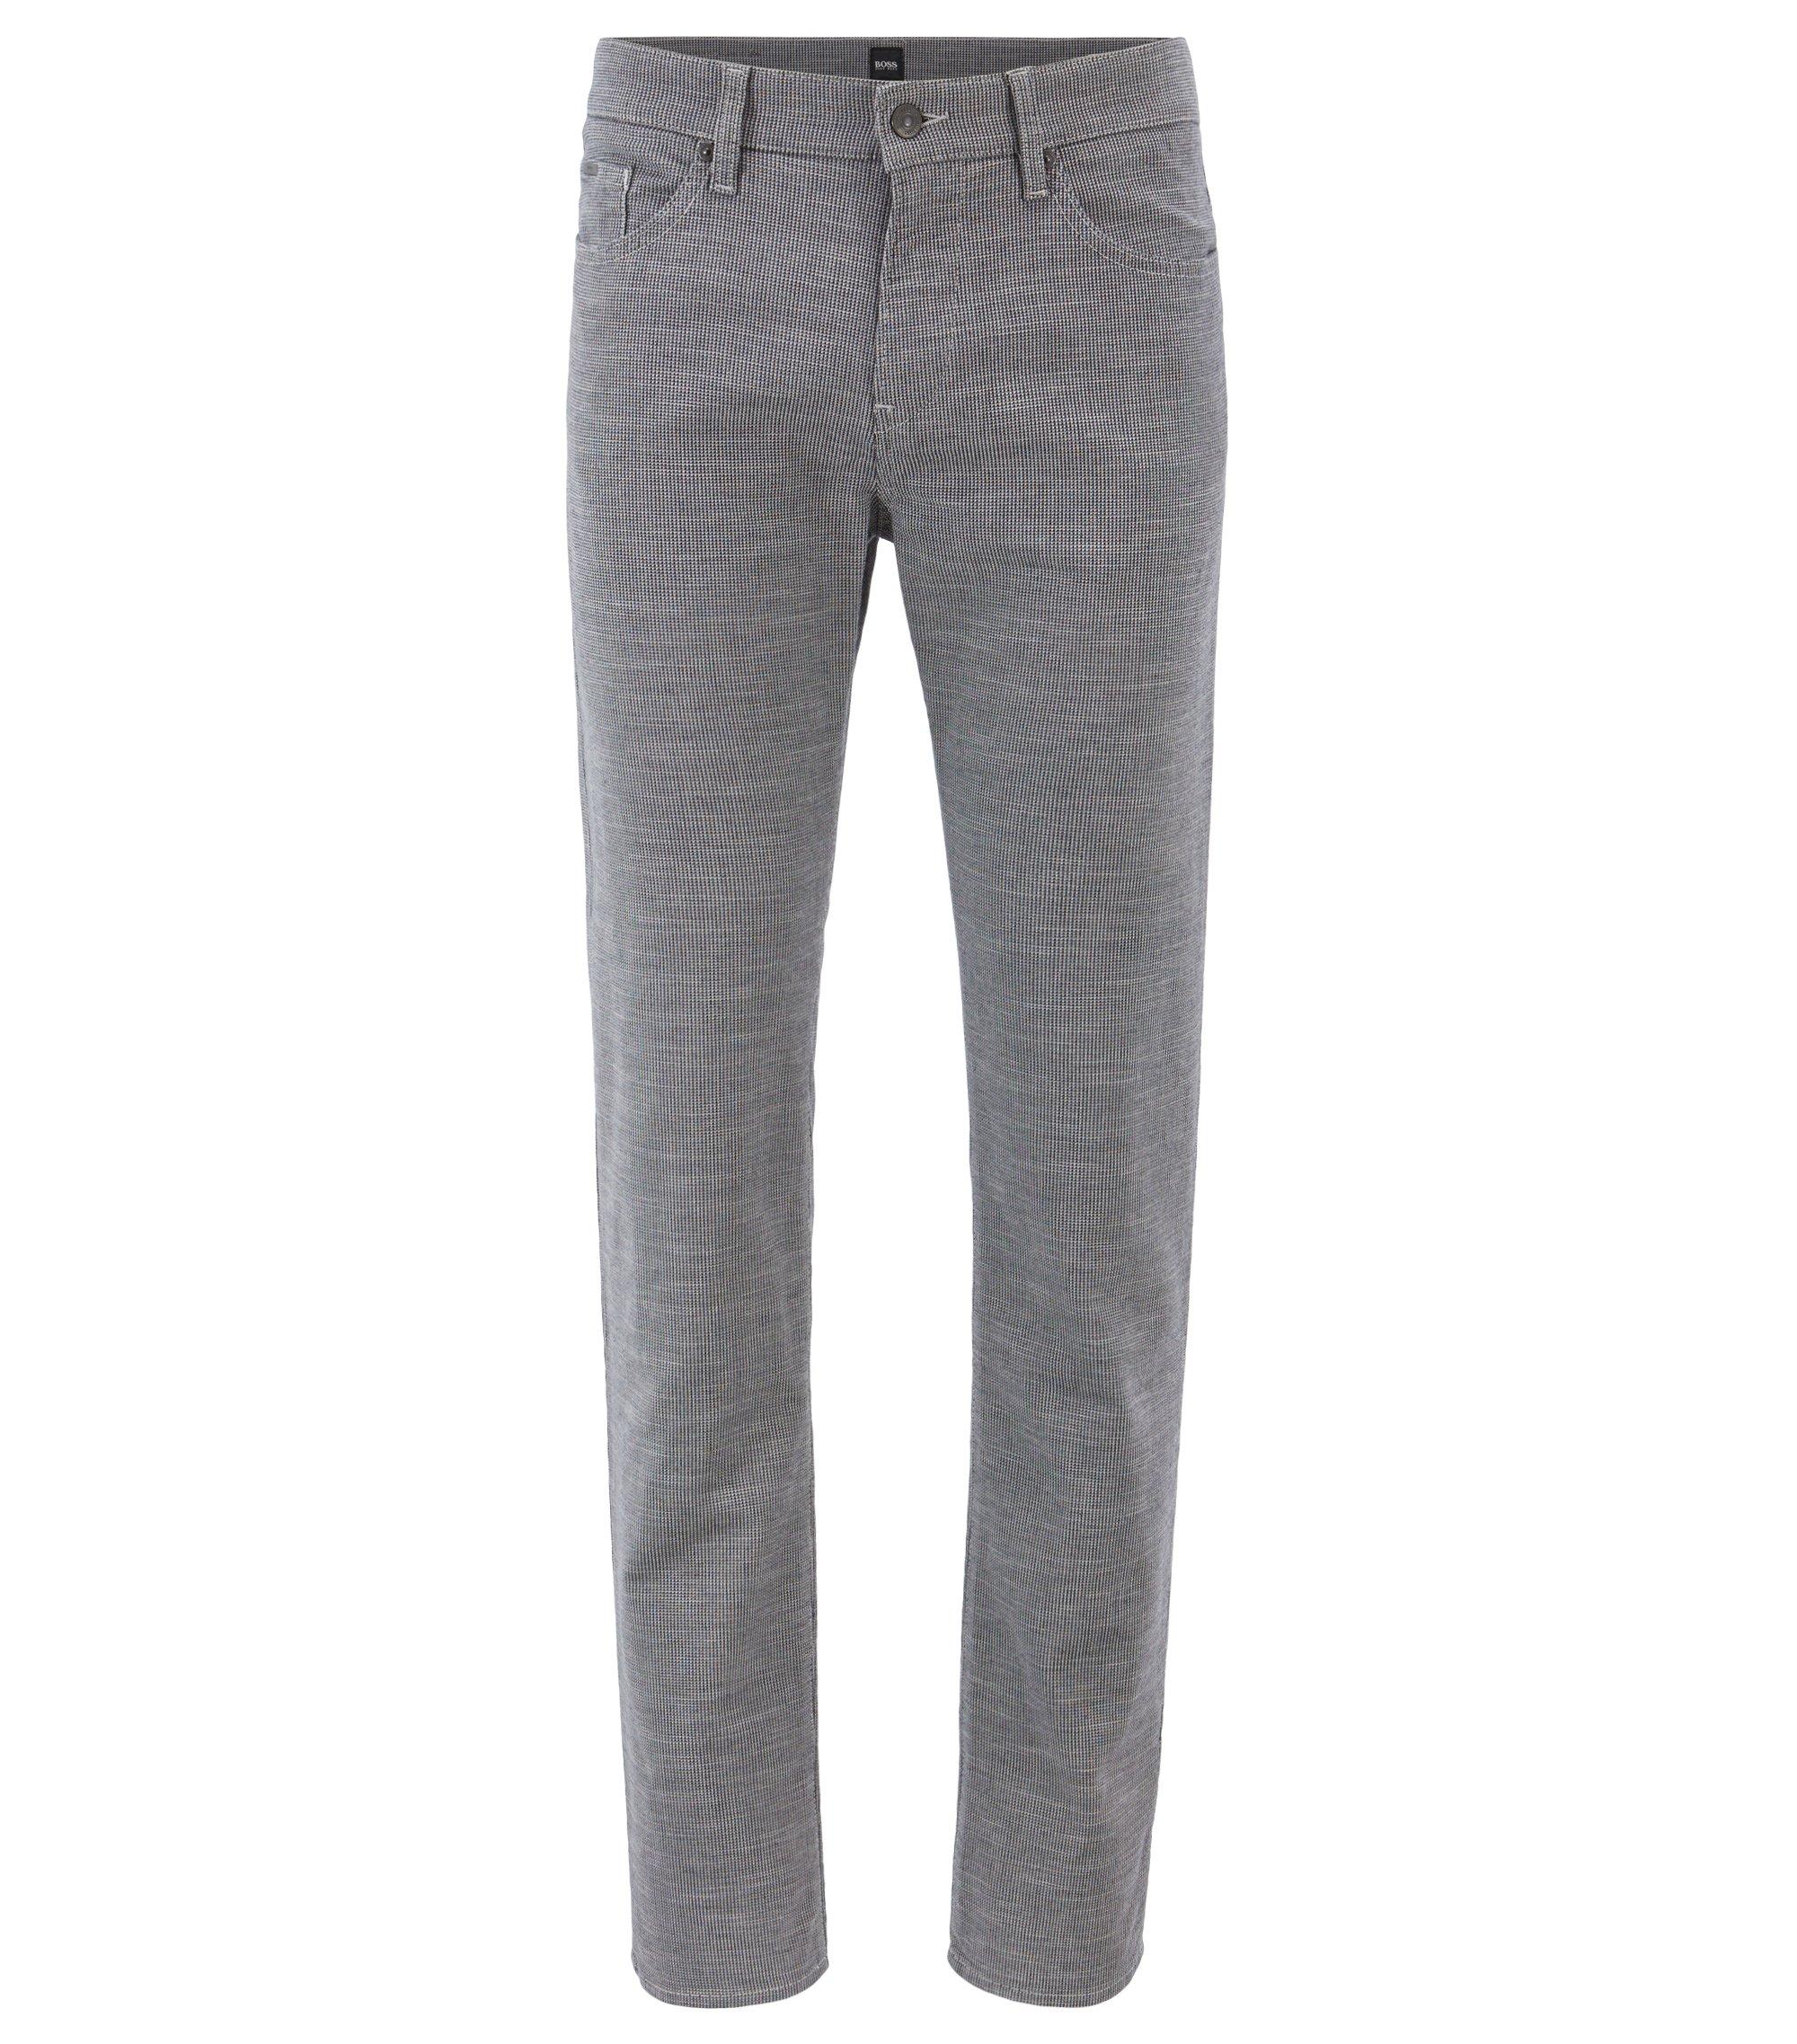 Fein gemusterte Slim-Fit Jeans aus italienischem Stretch-Denim, Grau